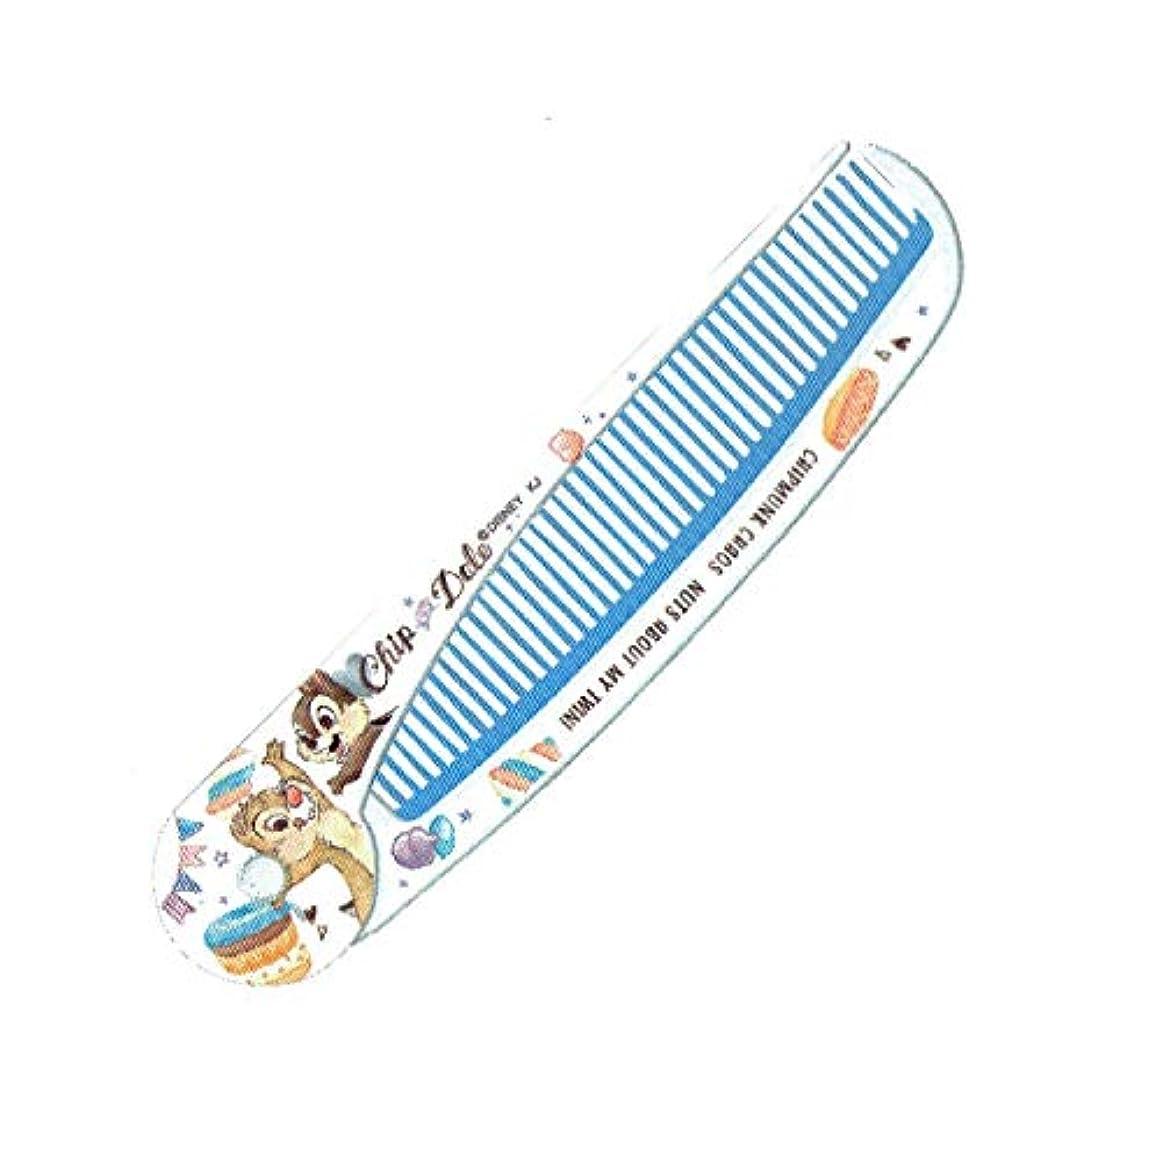 地区肺反逆(株)カミオジャパン ディズニーチップ&デール スリム折りたたみコーム [633847]